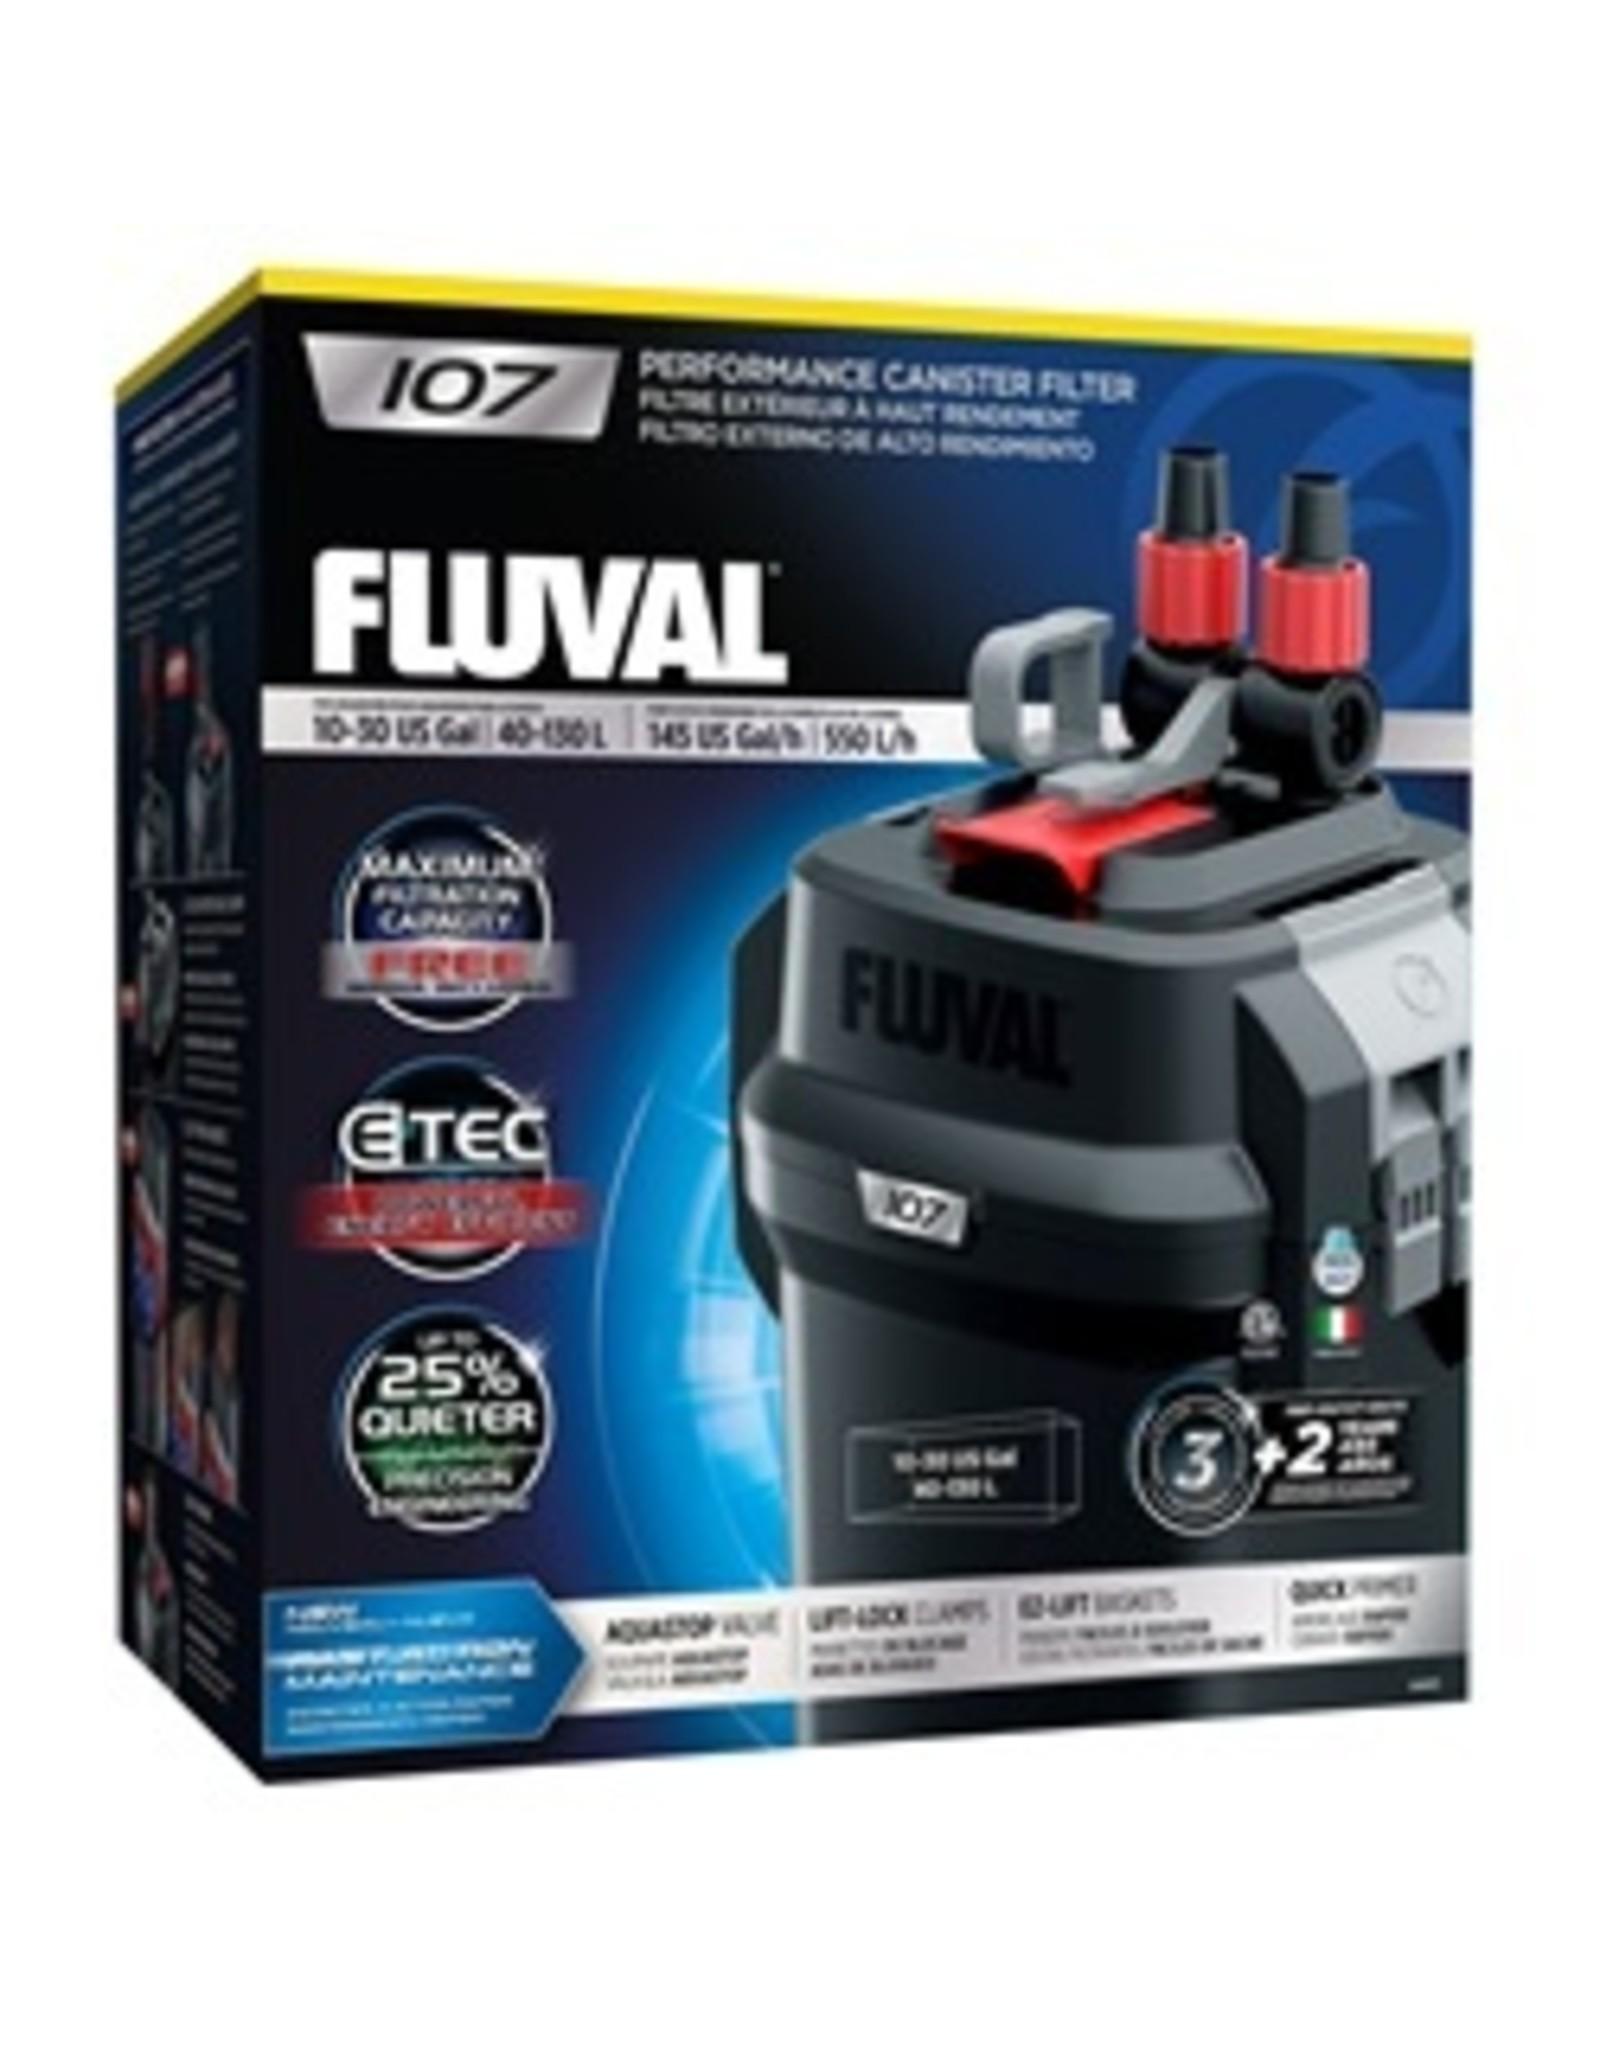 FL - Fluval Fluval 107 CANISTER FILTER - PP